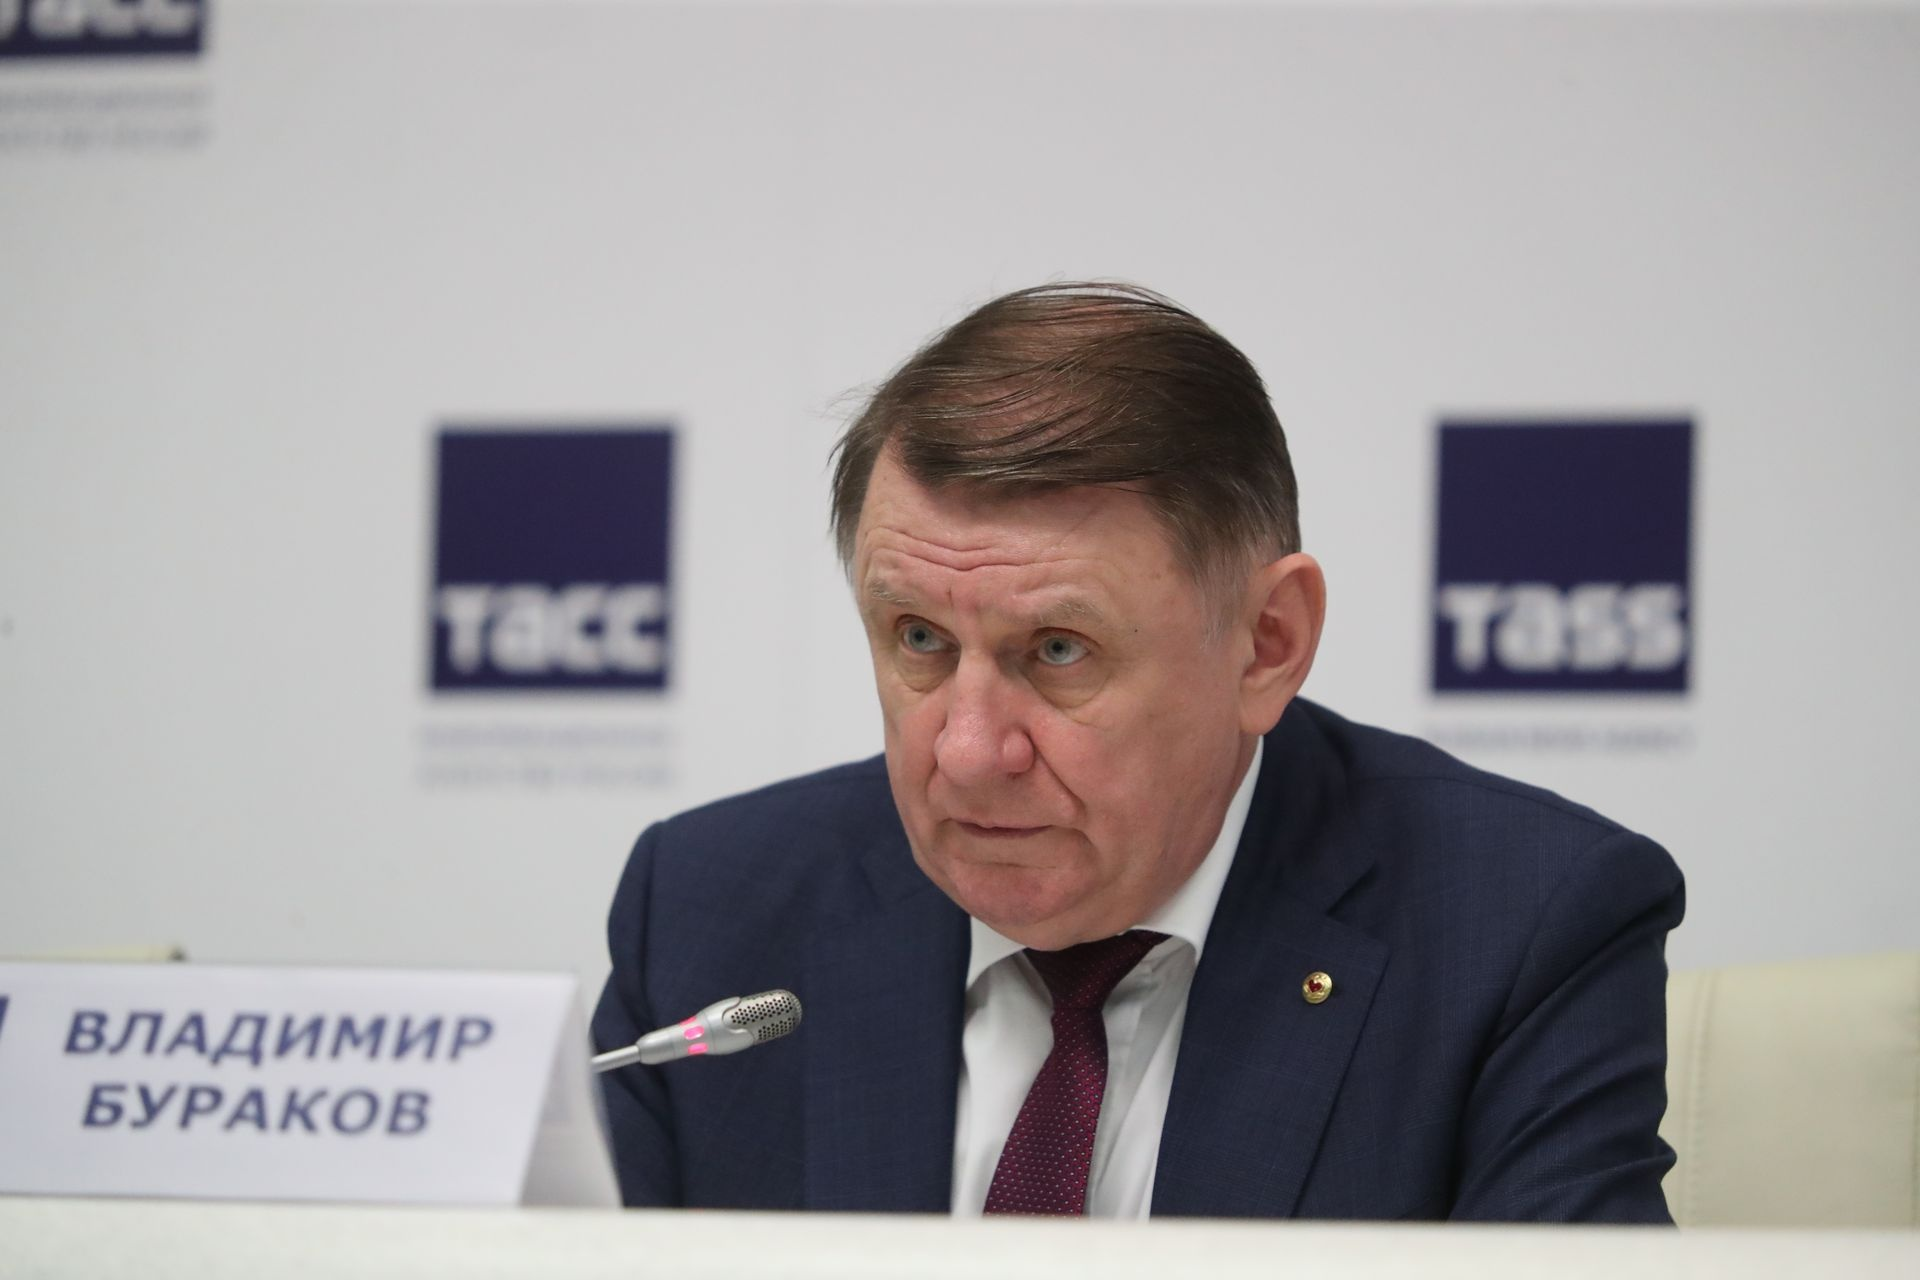 Владимир Бураков, председатель центрального совета Партии пенсионеров